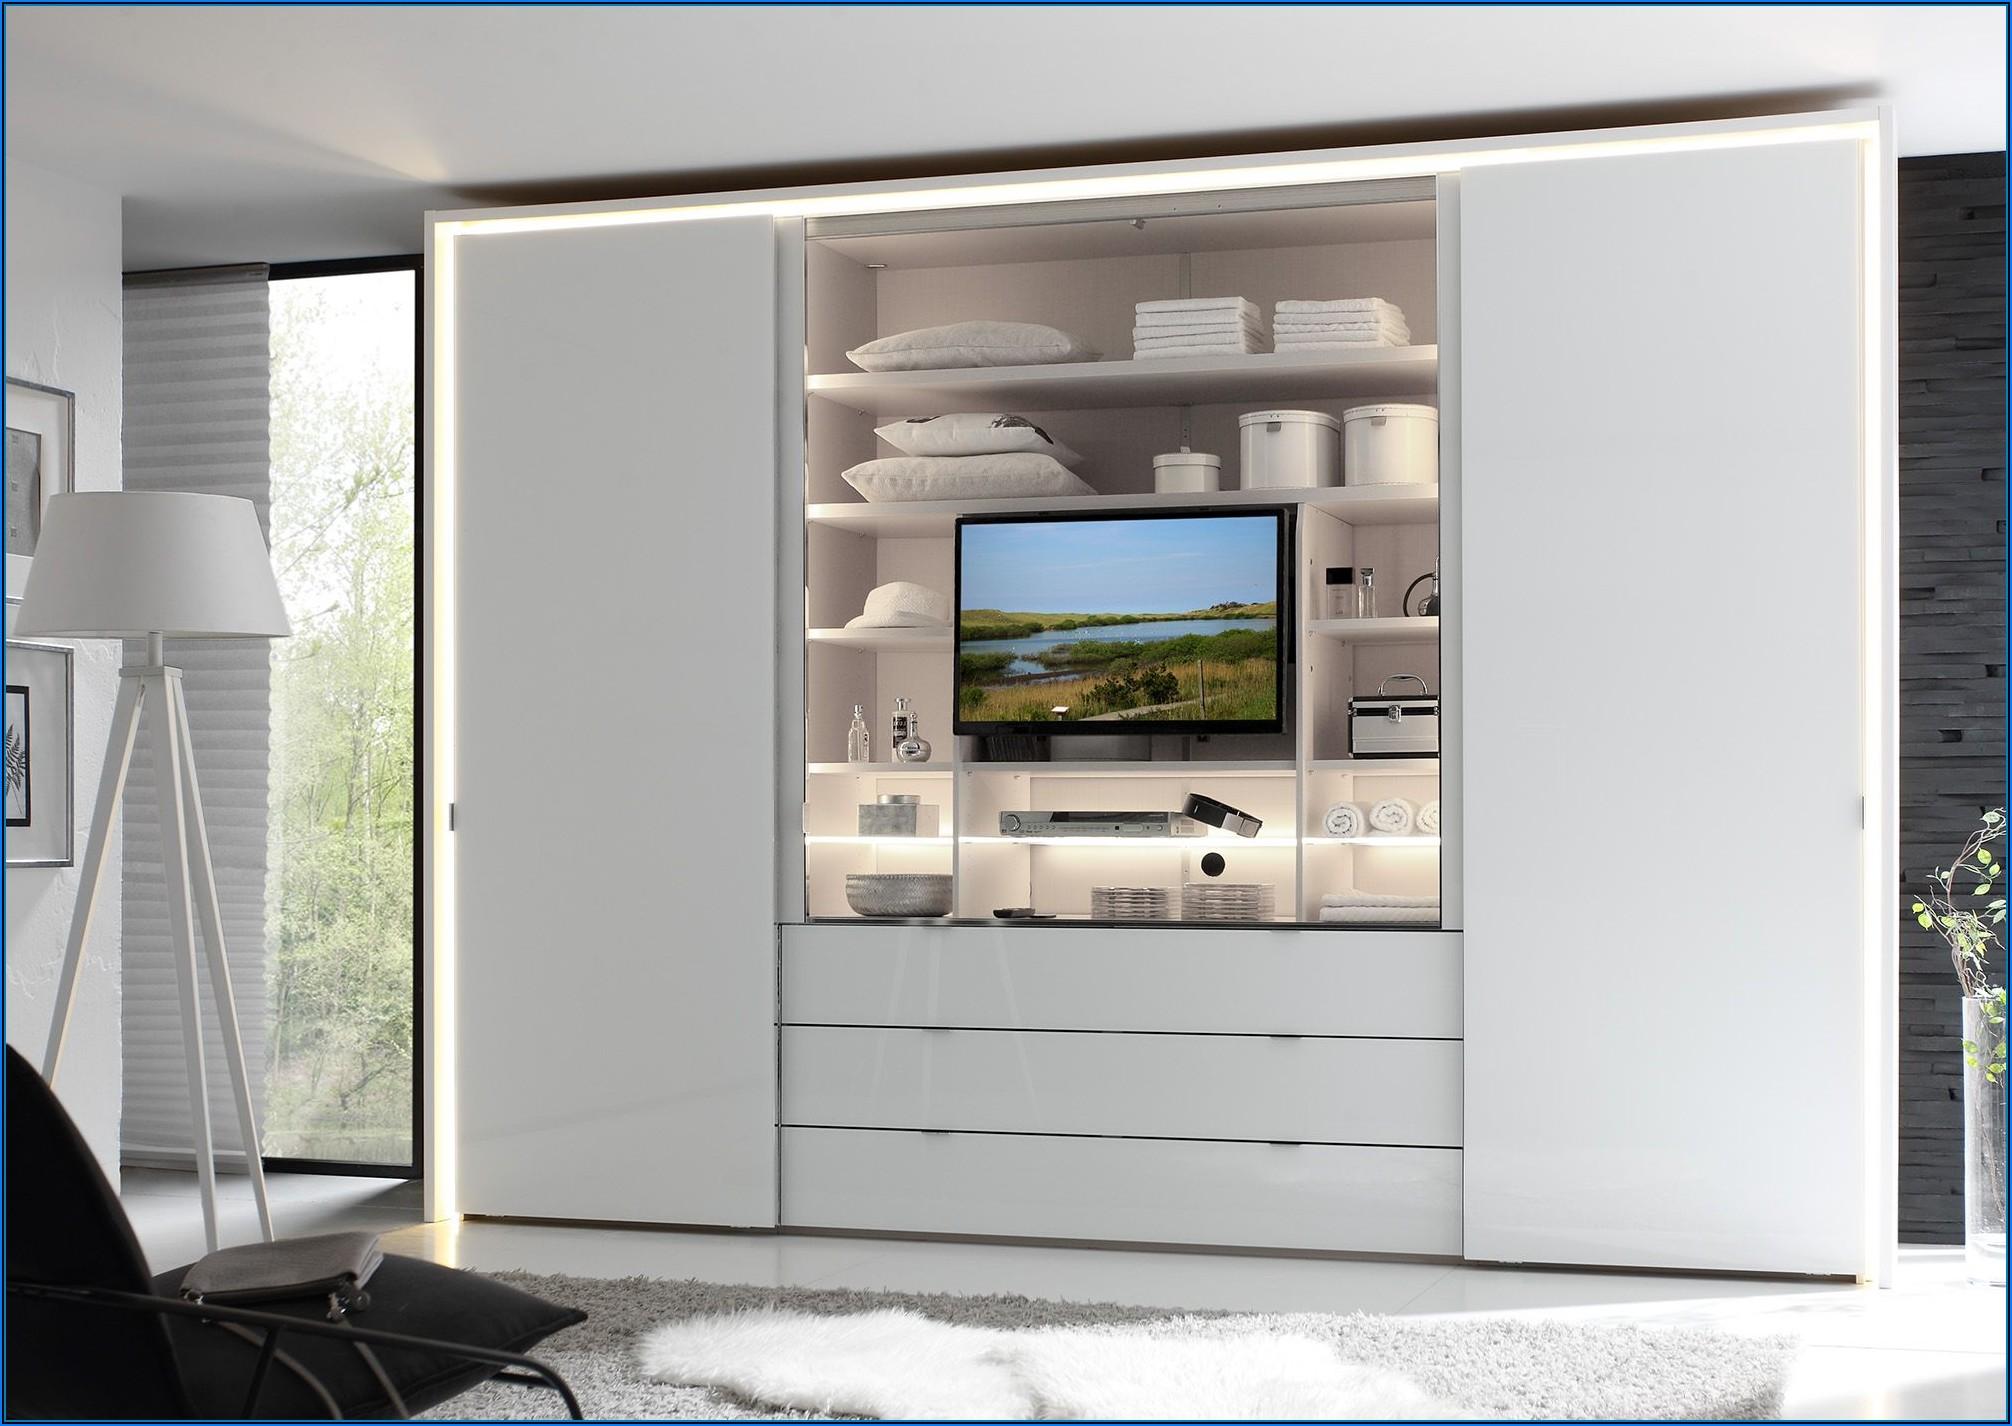 Kleiner Fernseher Für Terrasse